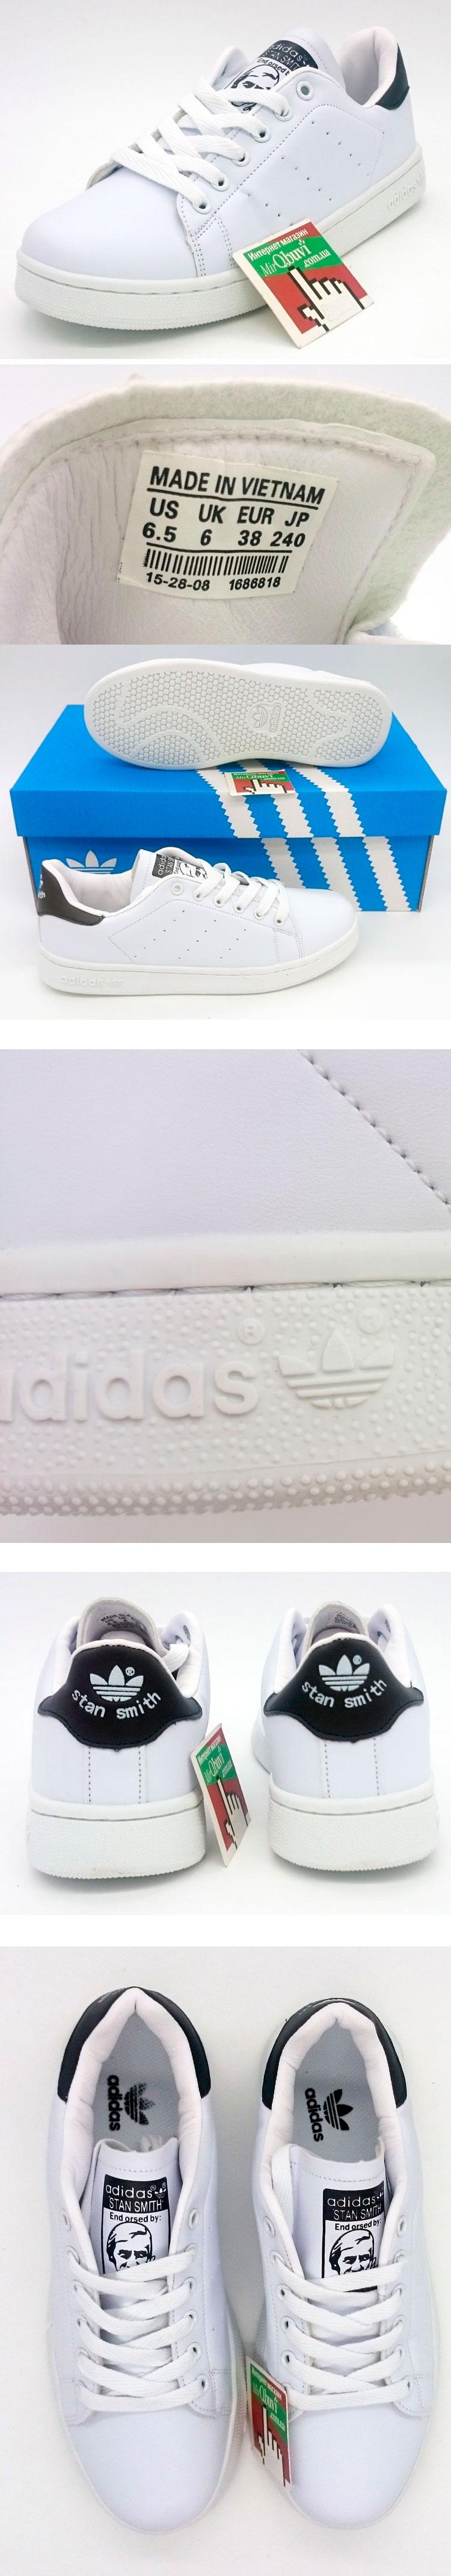 большое фото №5 Женские кроссовки Adidas Stan Smith бело черные